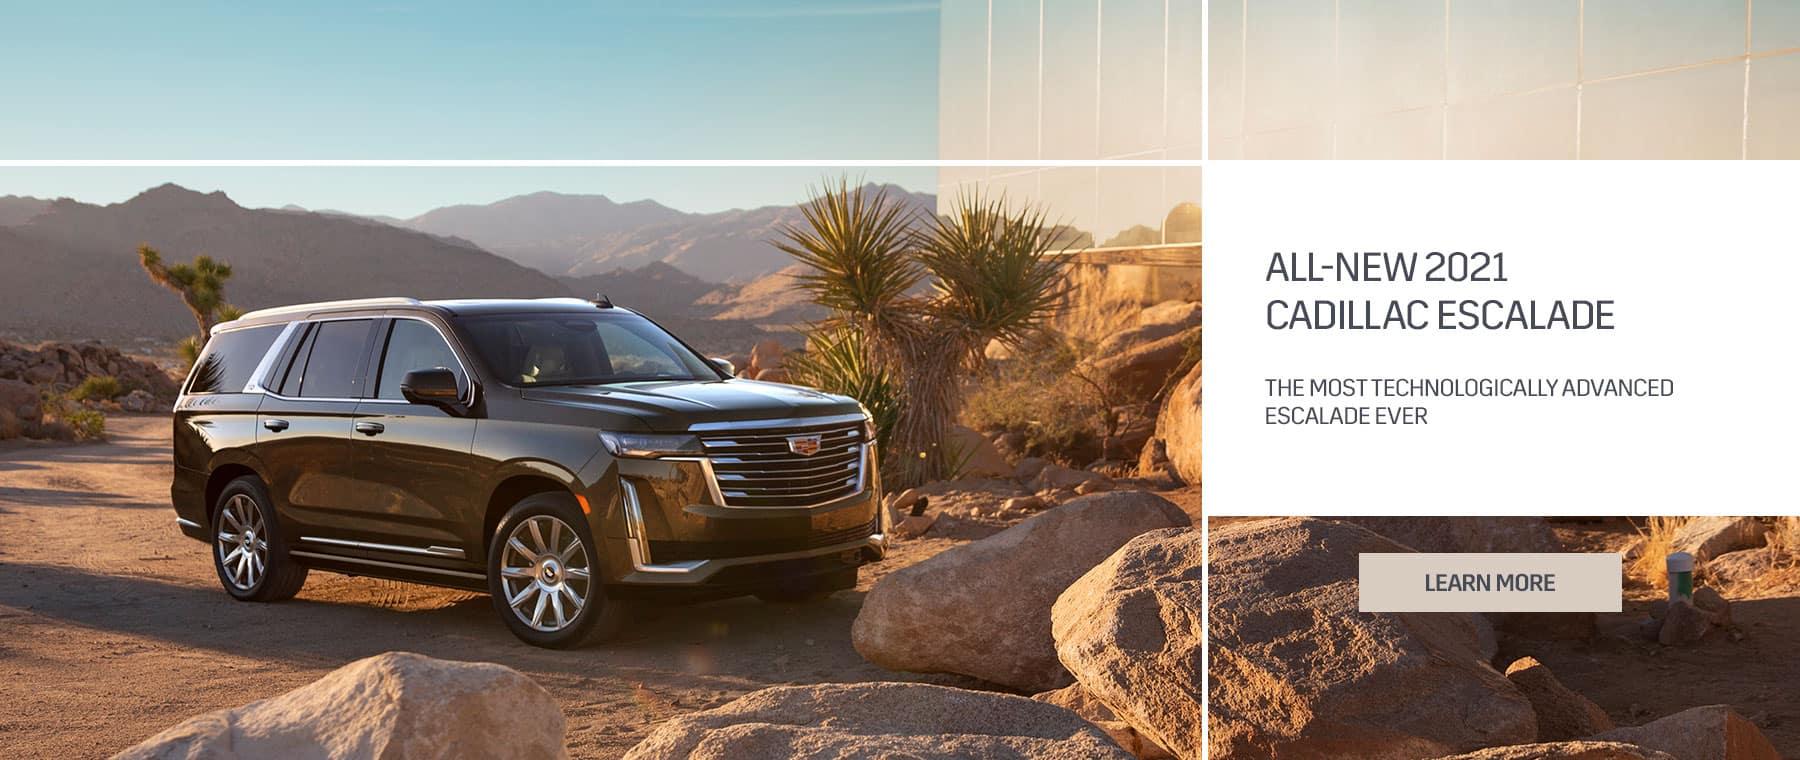 All-New 2021 Cadillac Escalade